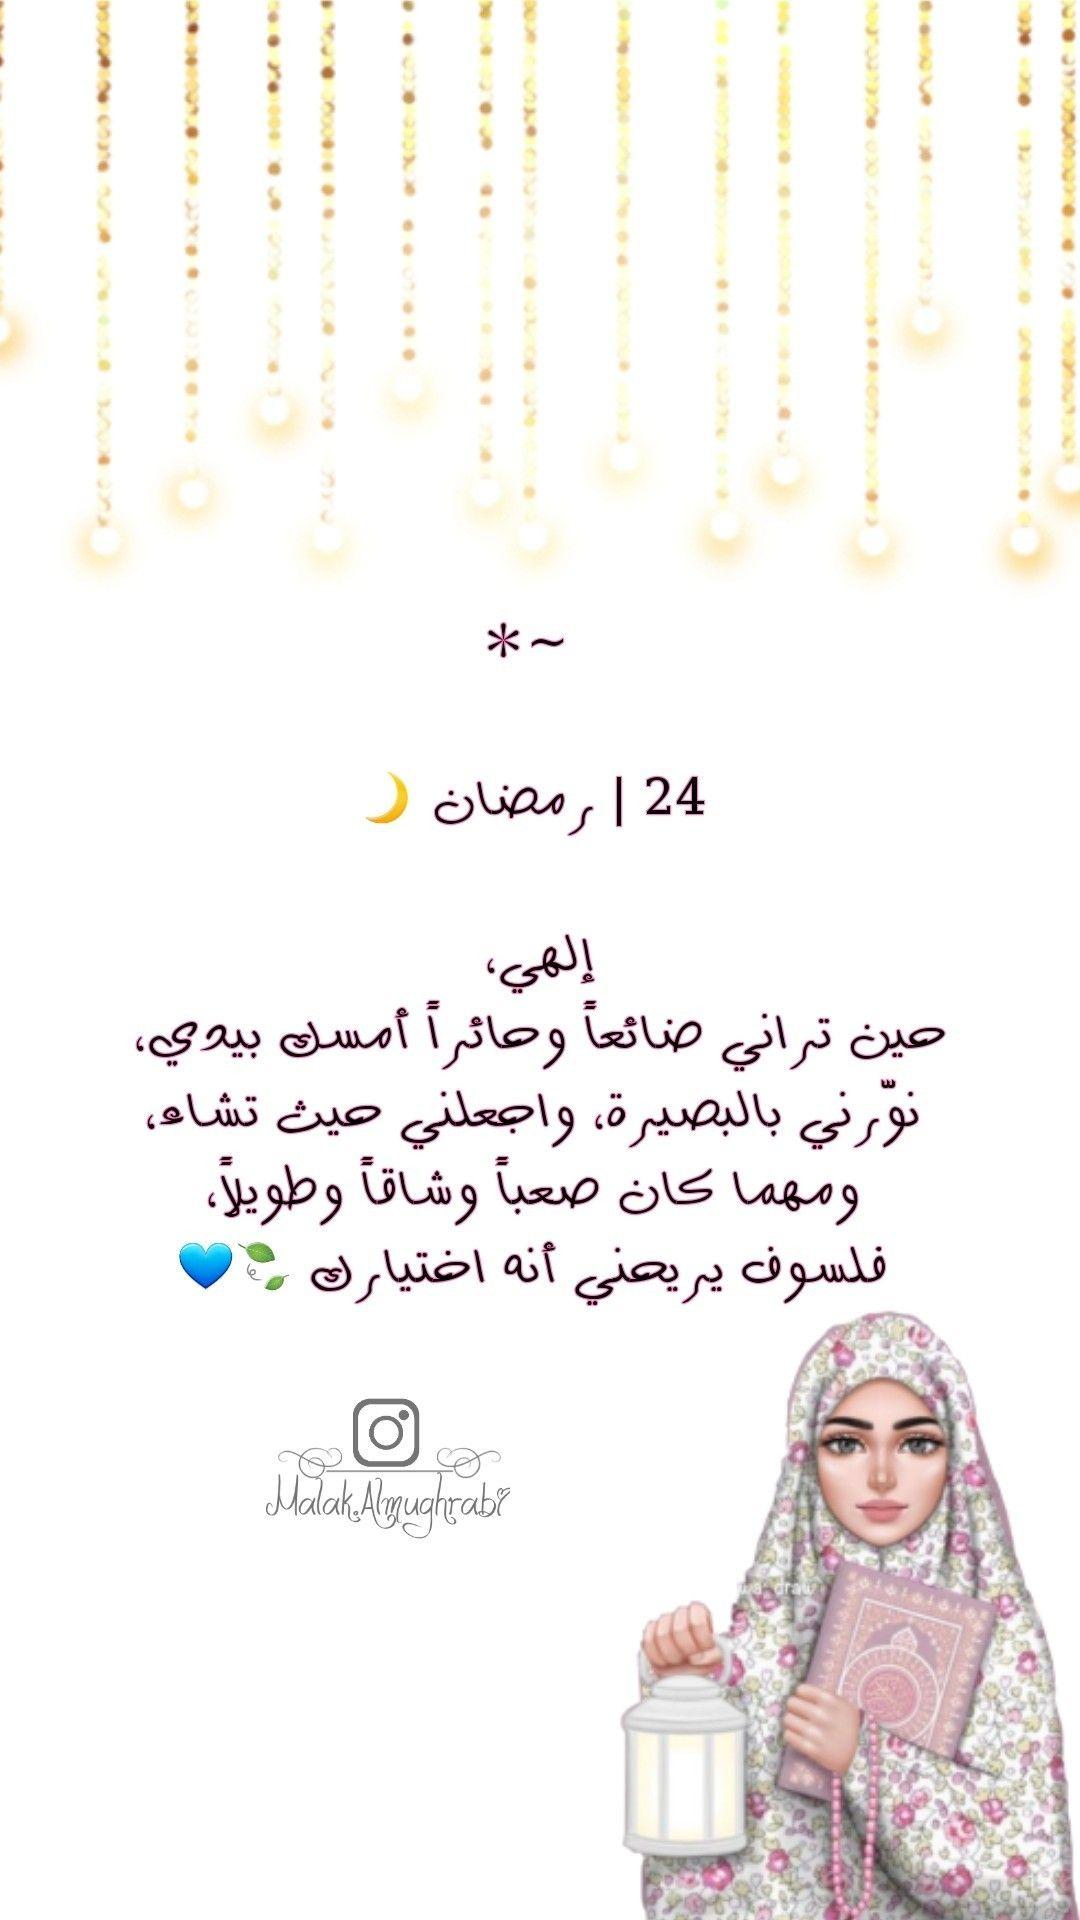 24 رمضان إلهي حين تراني ضائعا وحائرا أمسك بيدي نو رني بالبصيرة واجعلني حيث تشاء ومهما كان صعبا وشاقا و Ramadan Day Cute Girl Drawing Ramadan